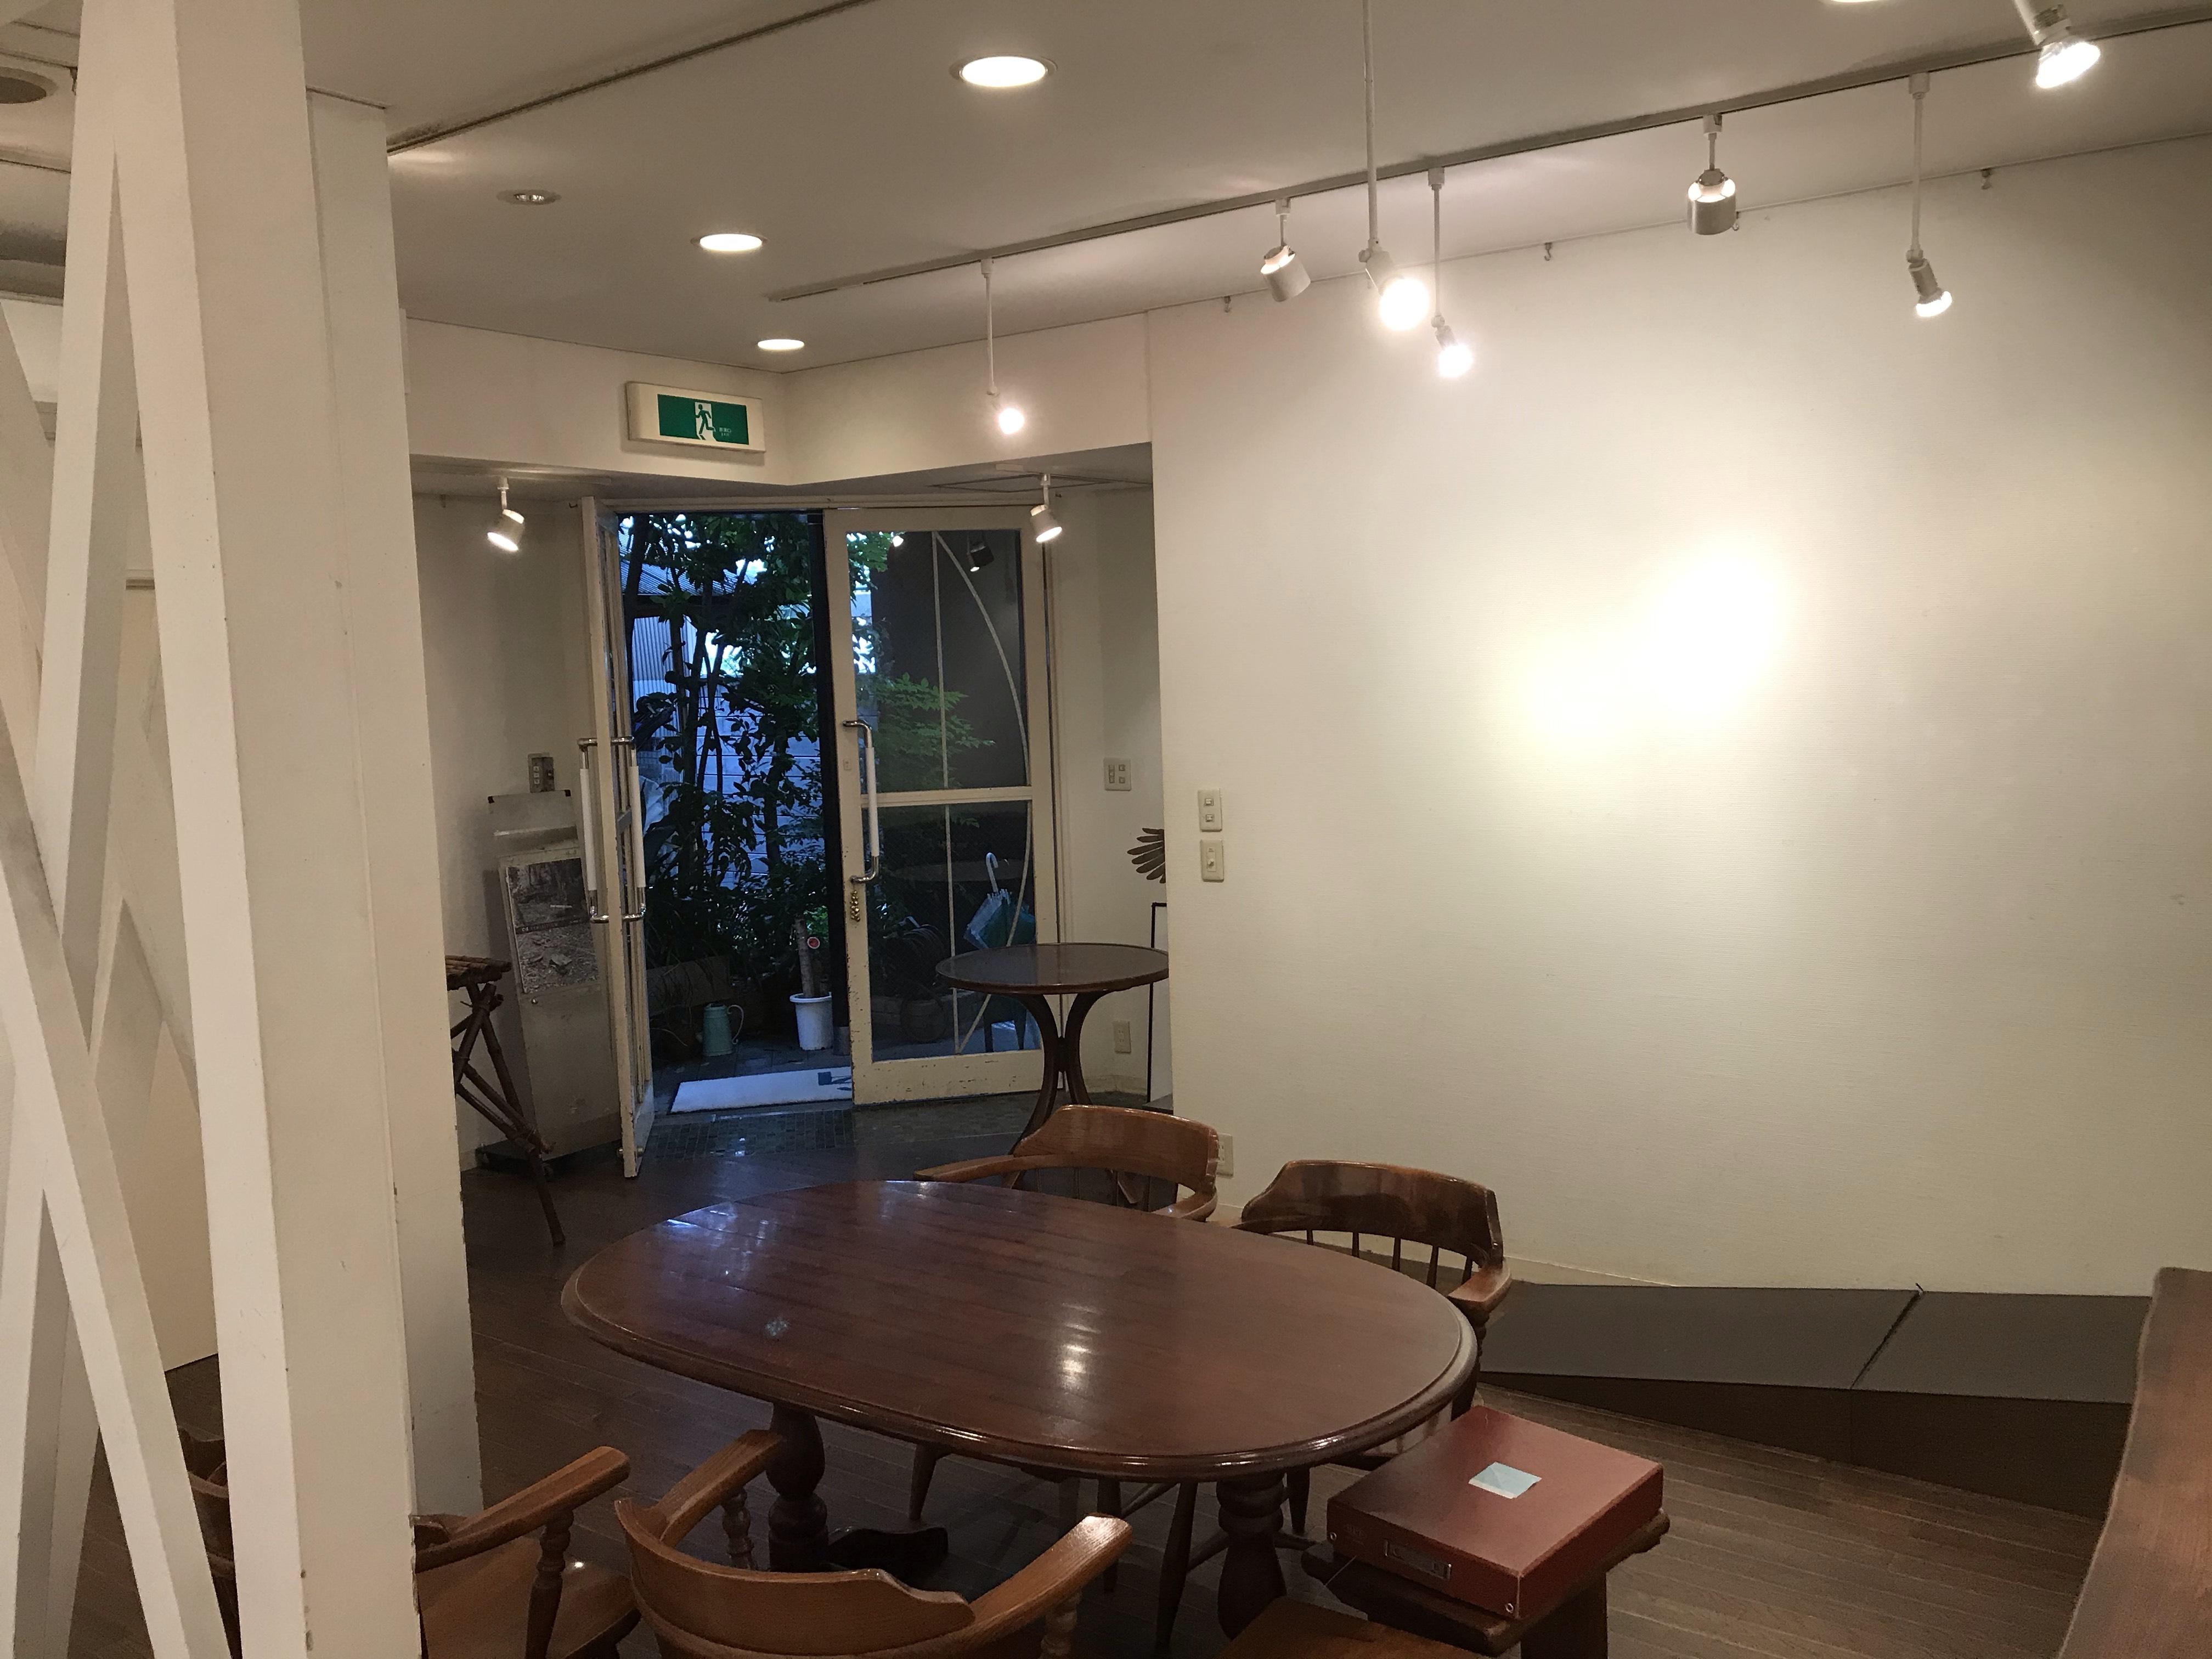 ギャラリーハセガワ 展示会スペースの室内の写真